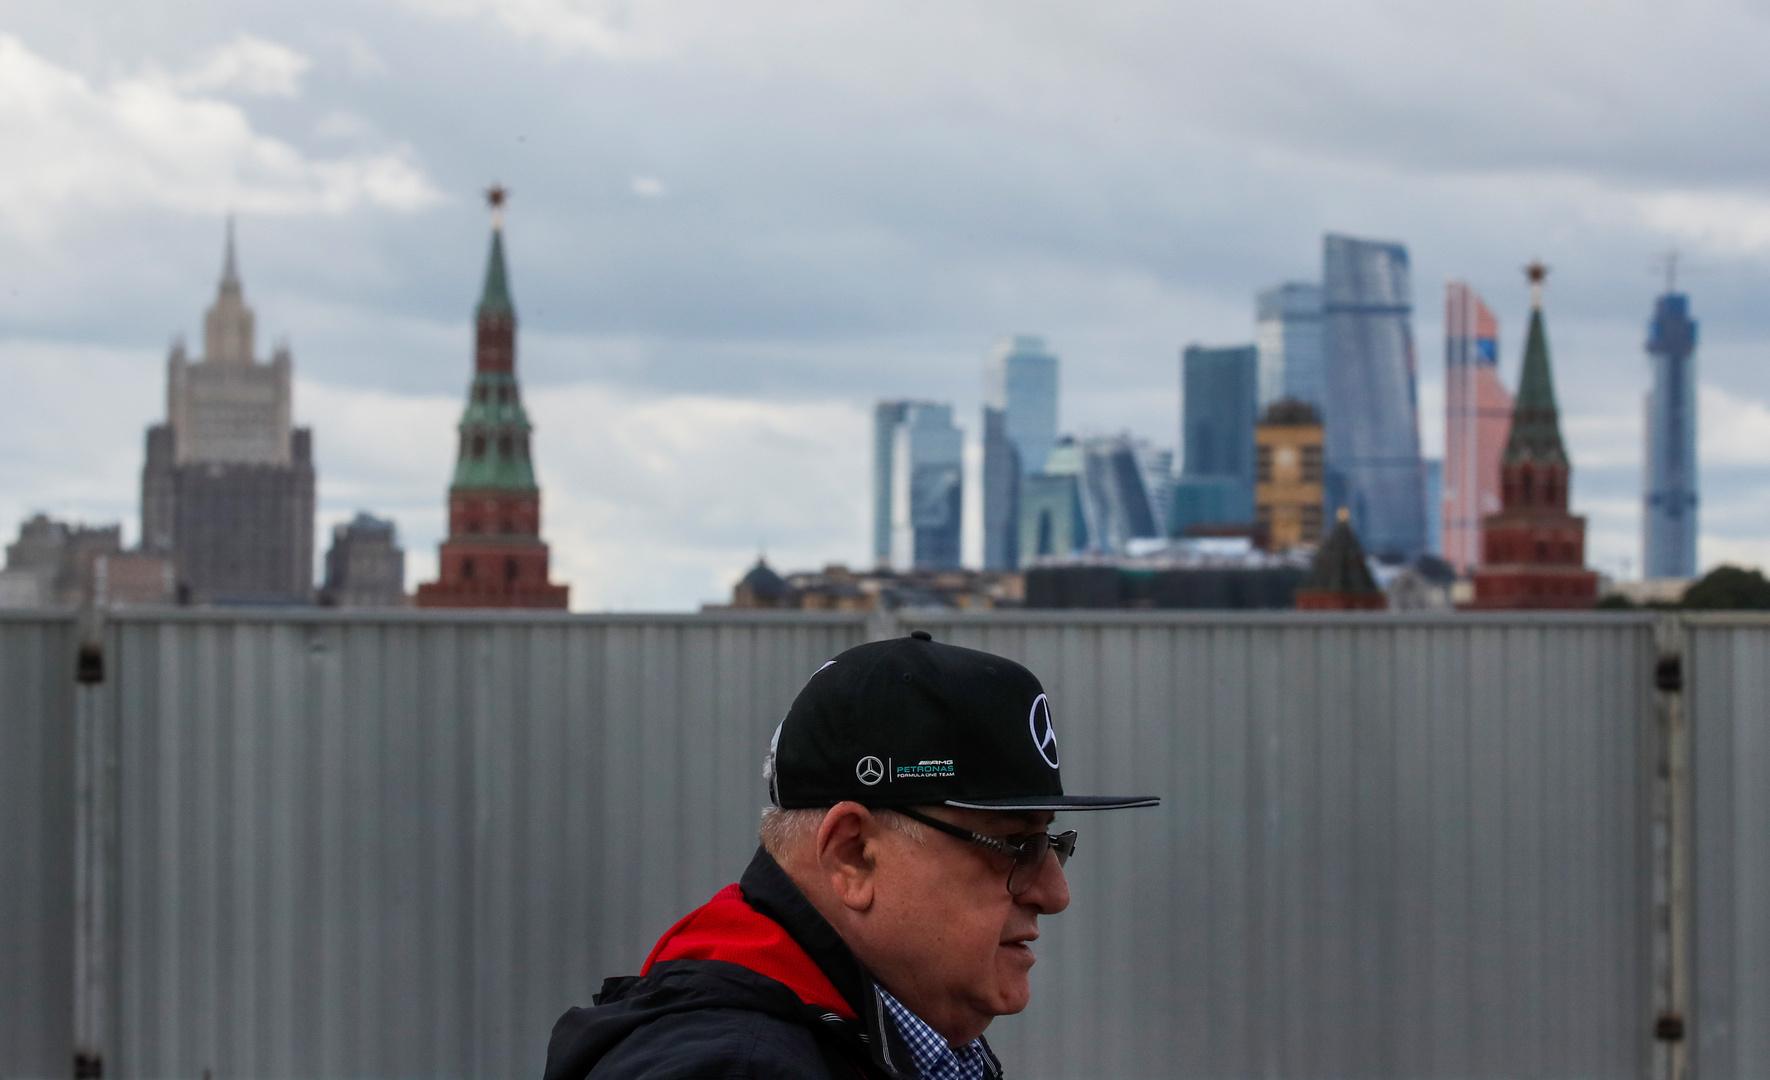 كورونا لم يوقف تبادل المعلومات بين موسكو وواشنطن بشأن الهجمات الإرهابية